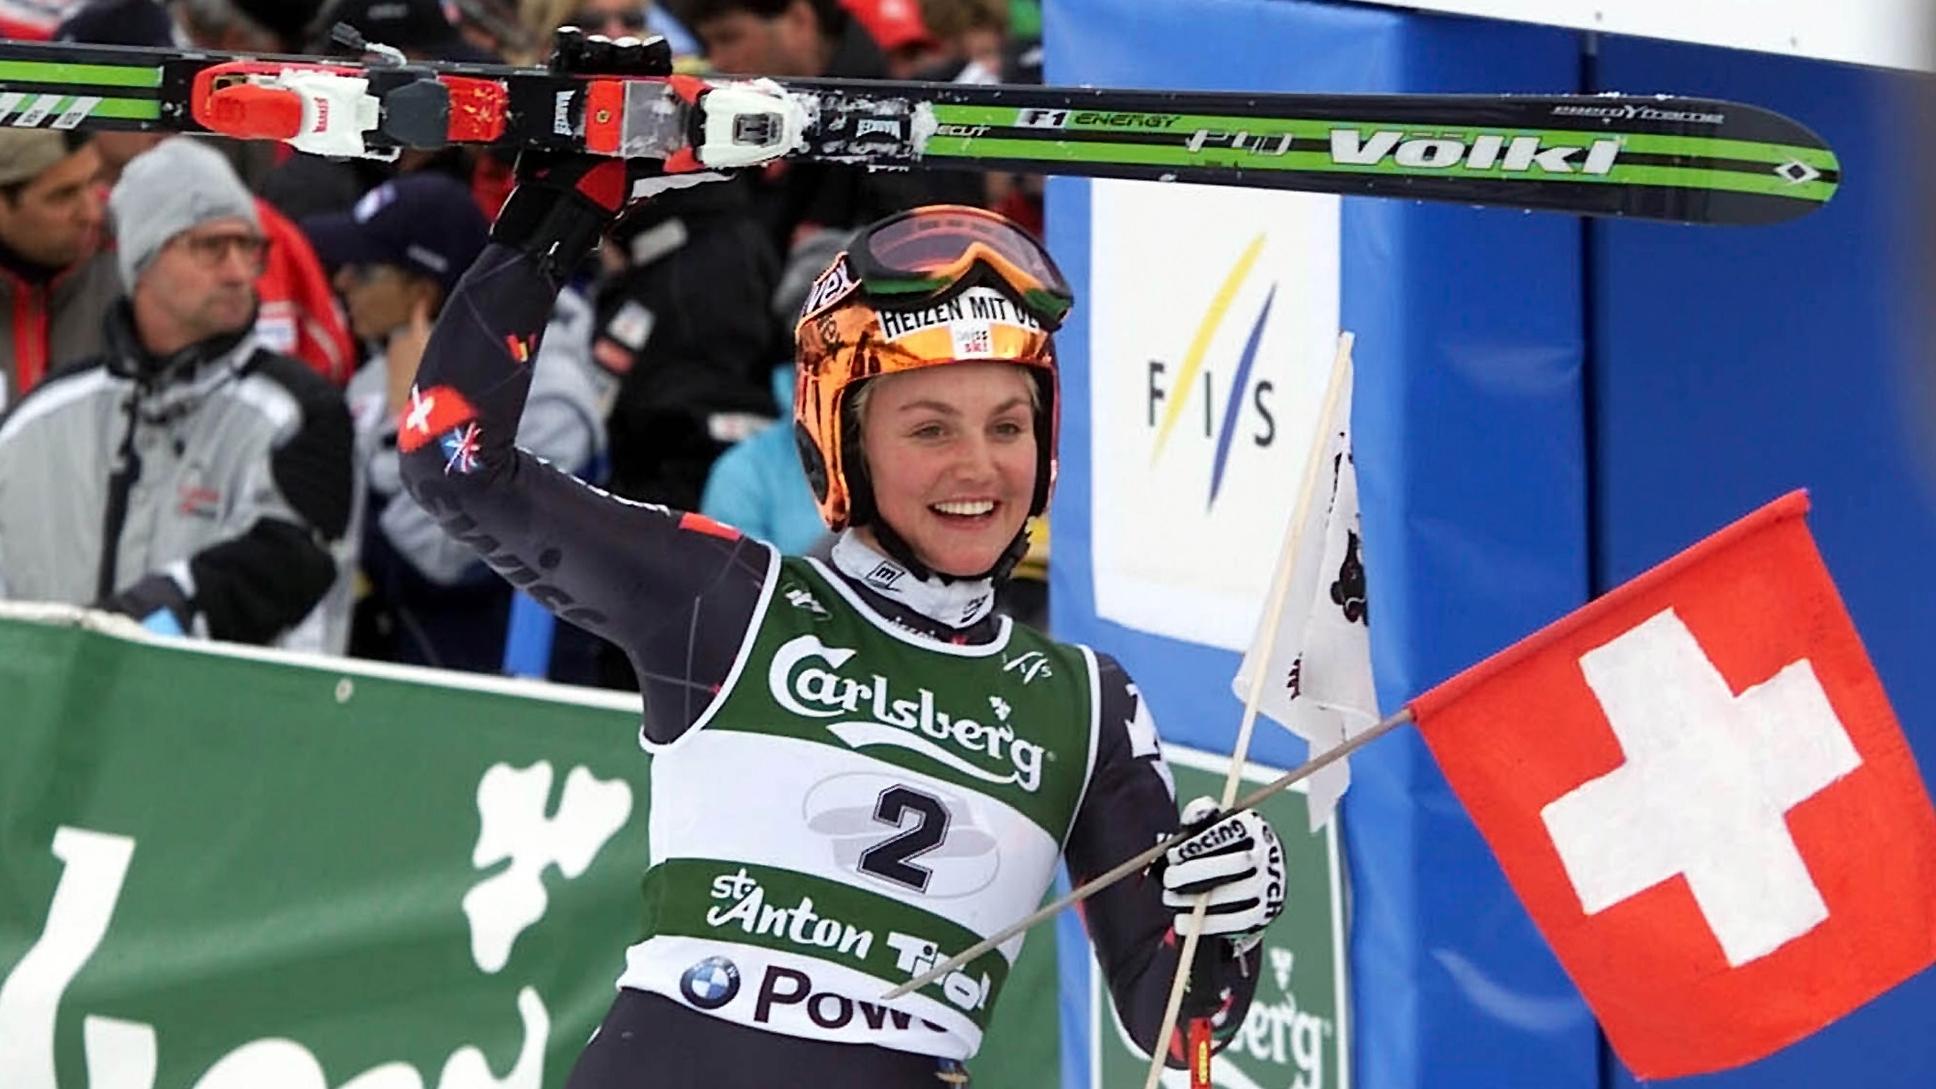 Sonja Nef blickt auf Riesenslalom-Gold 2001 zurück